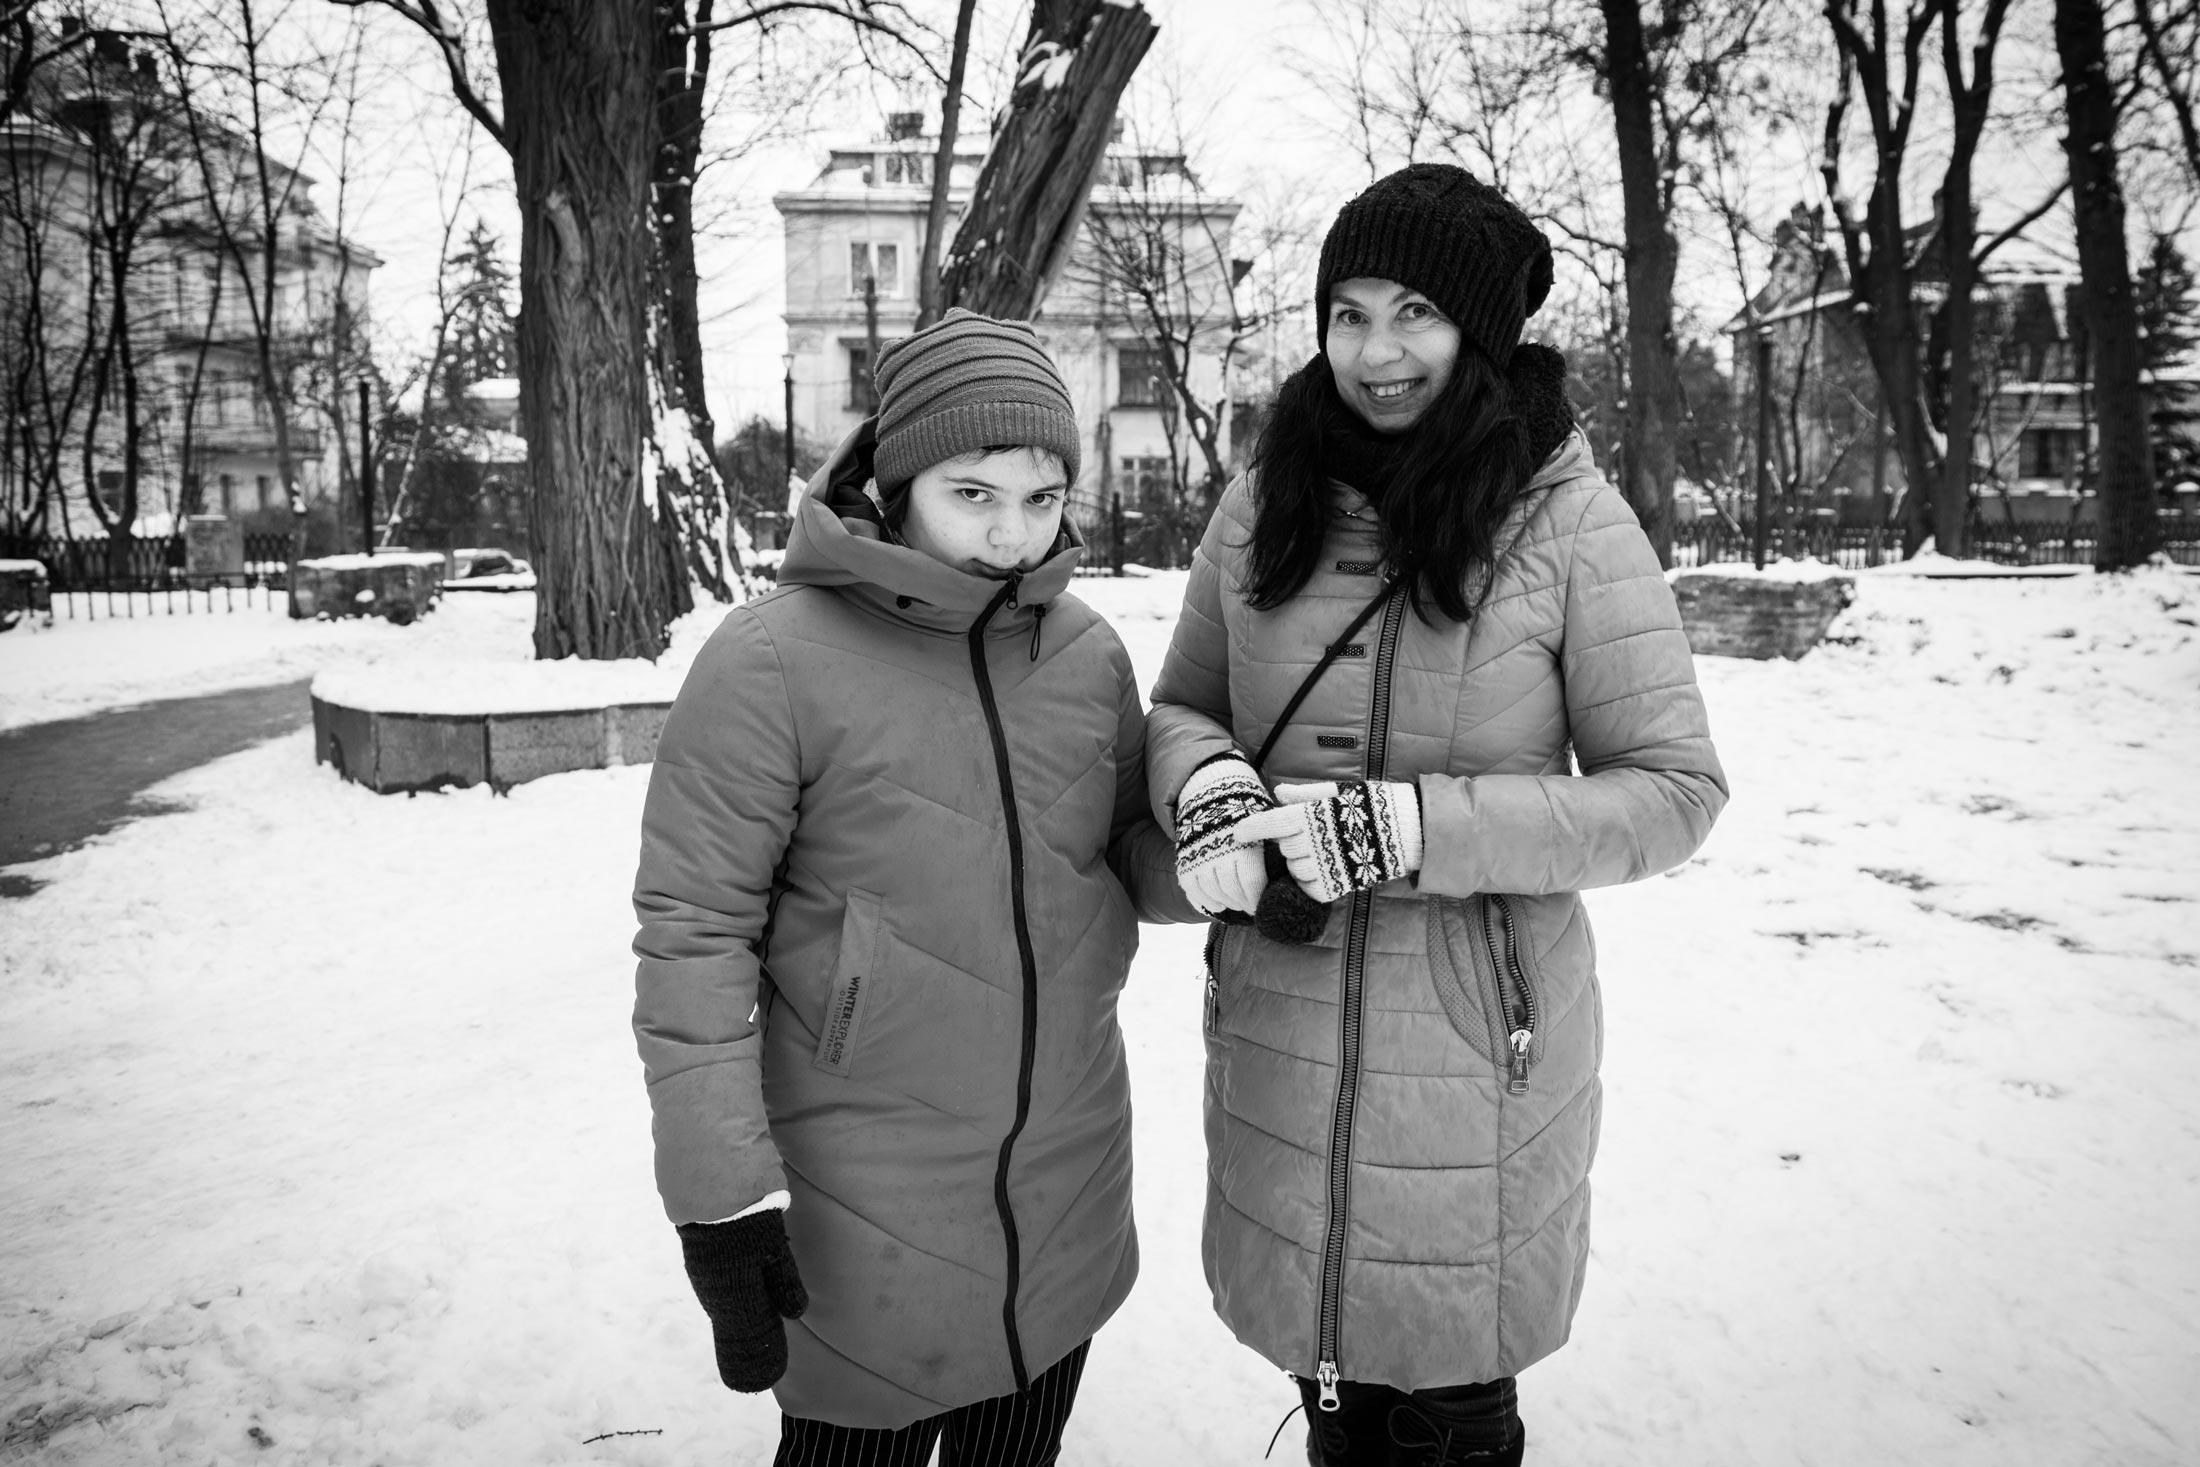 olga rybalchenko shmaliuk 04 - <b>Таке життя.</b> Як спілкуватися із батьками дітей з особливими потребами й не перетворювати розмову на щось особливе - Заборона